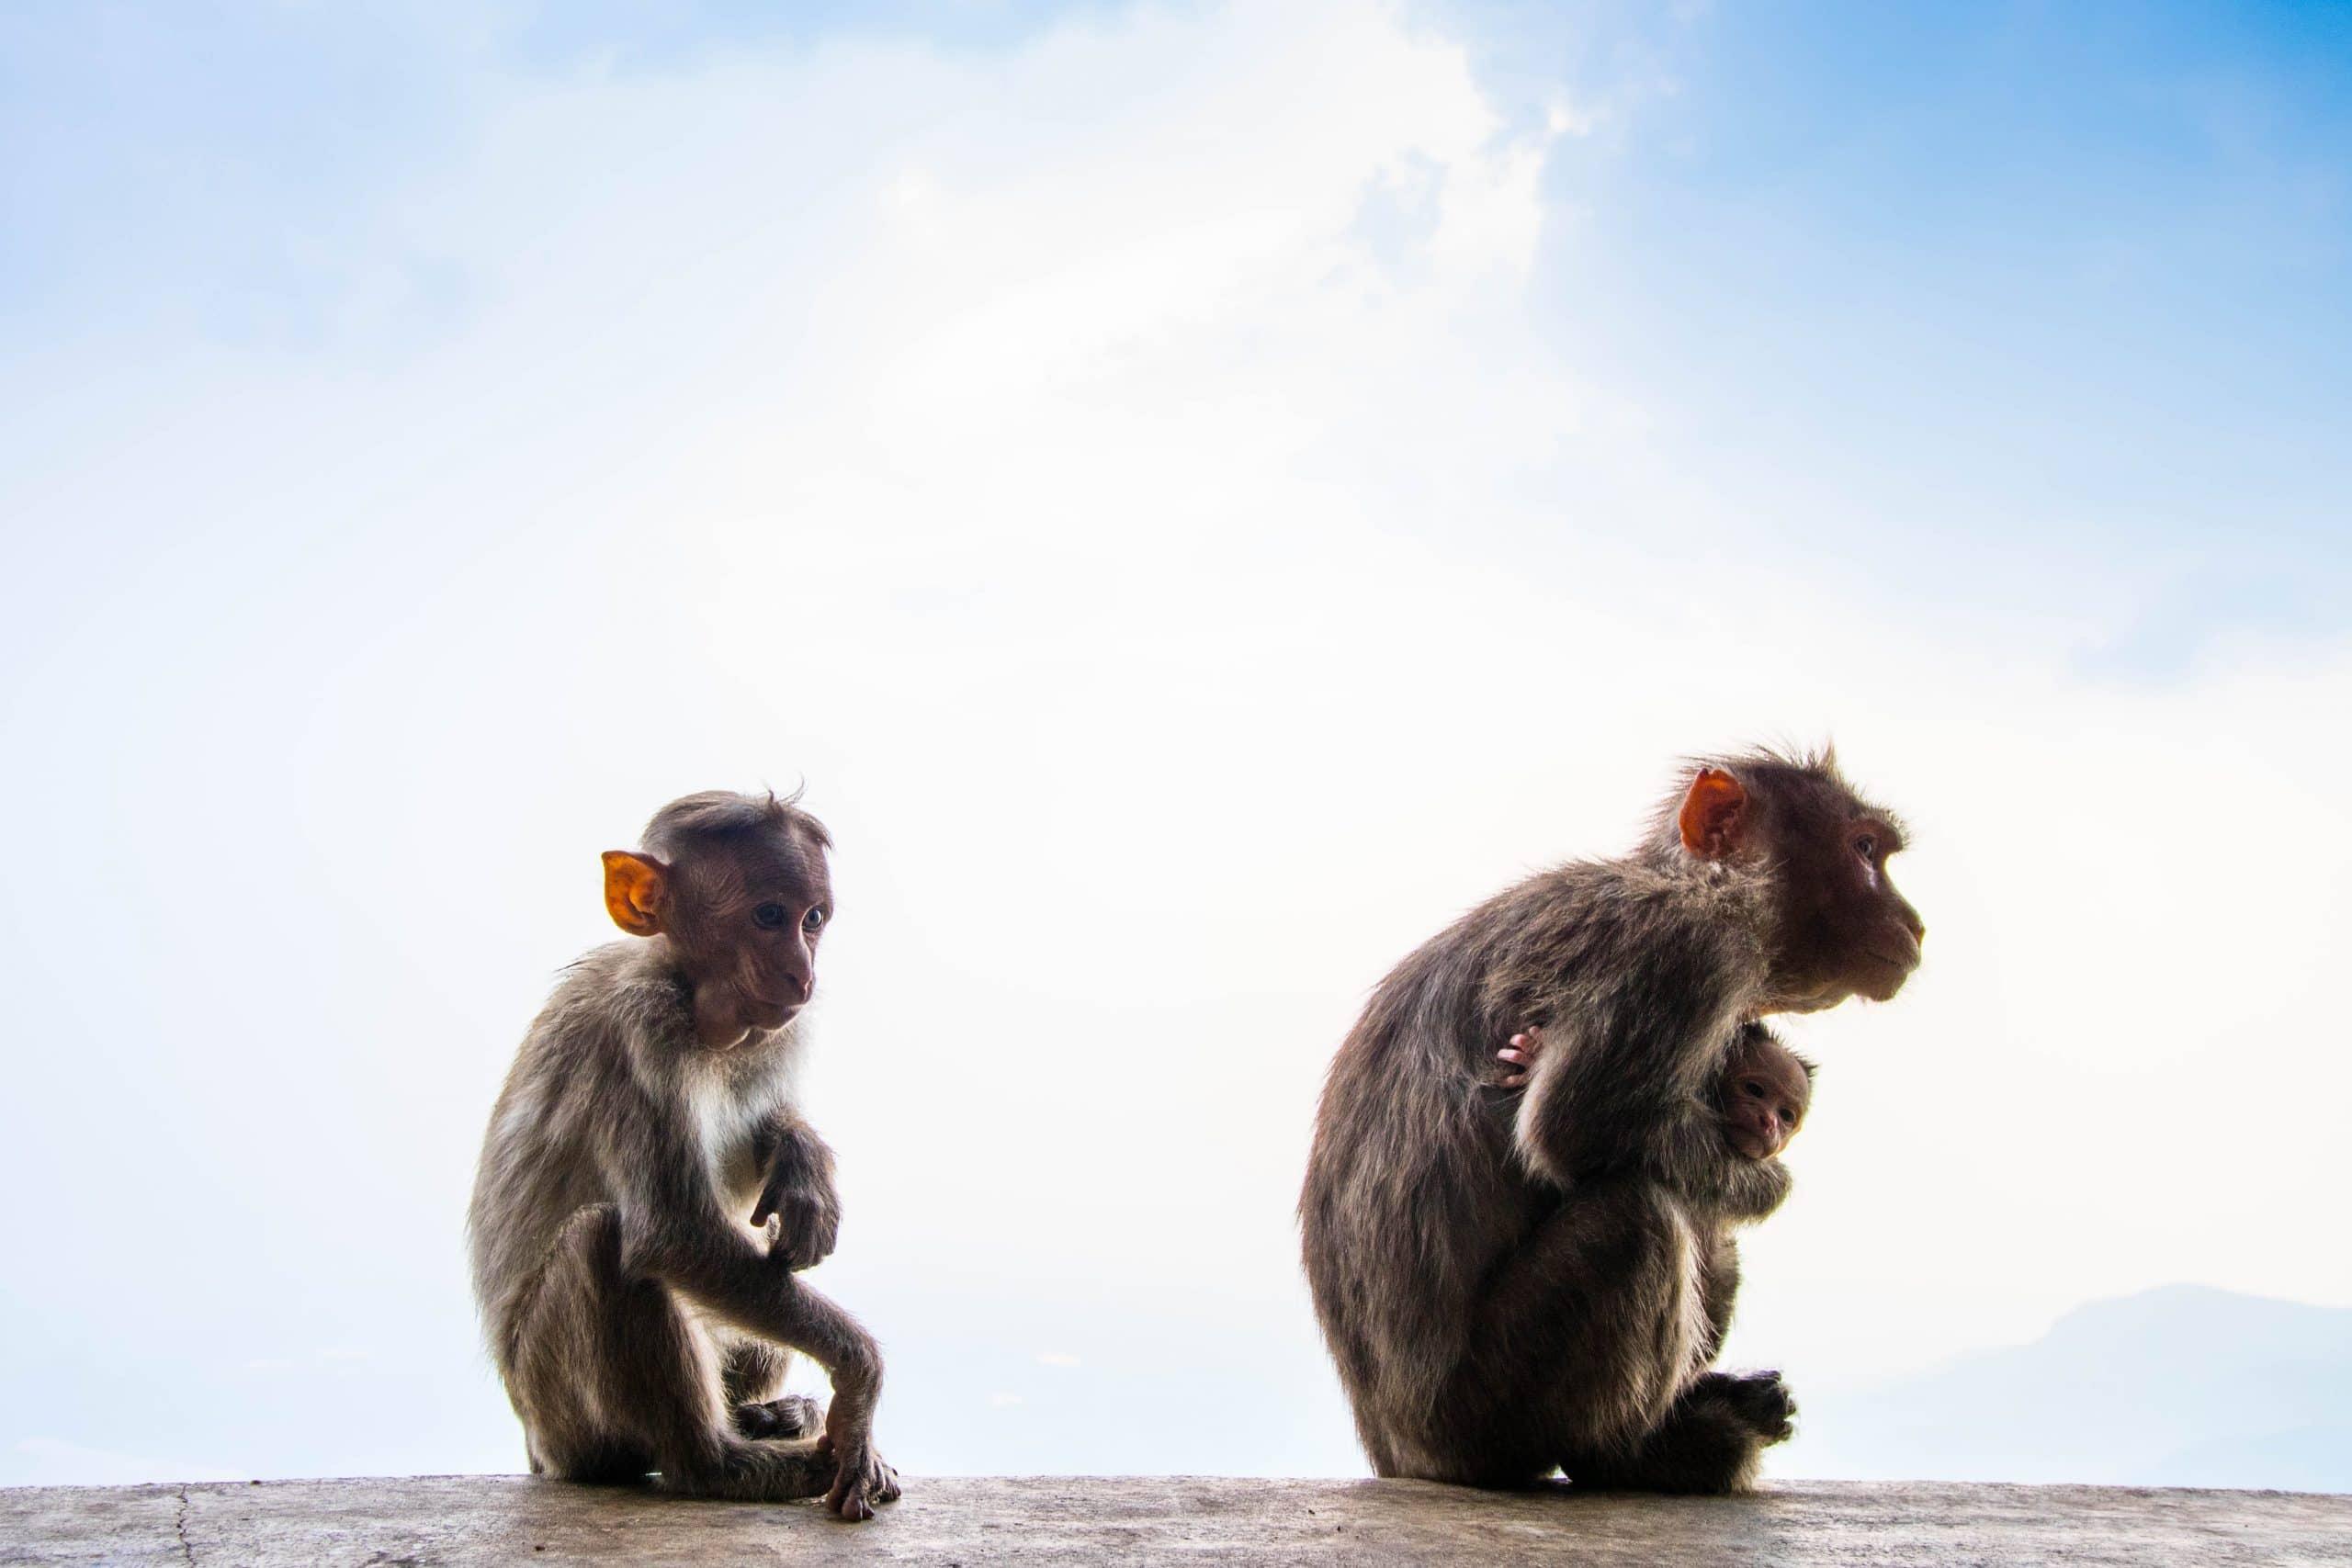 Macacos sentados